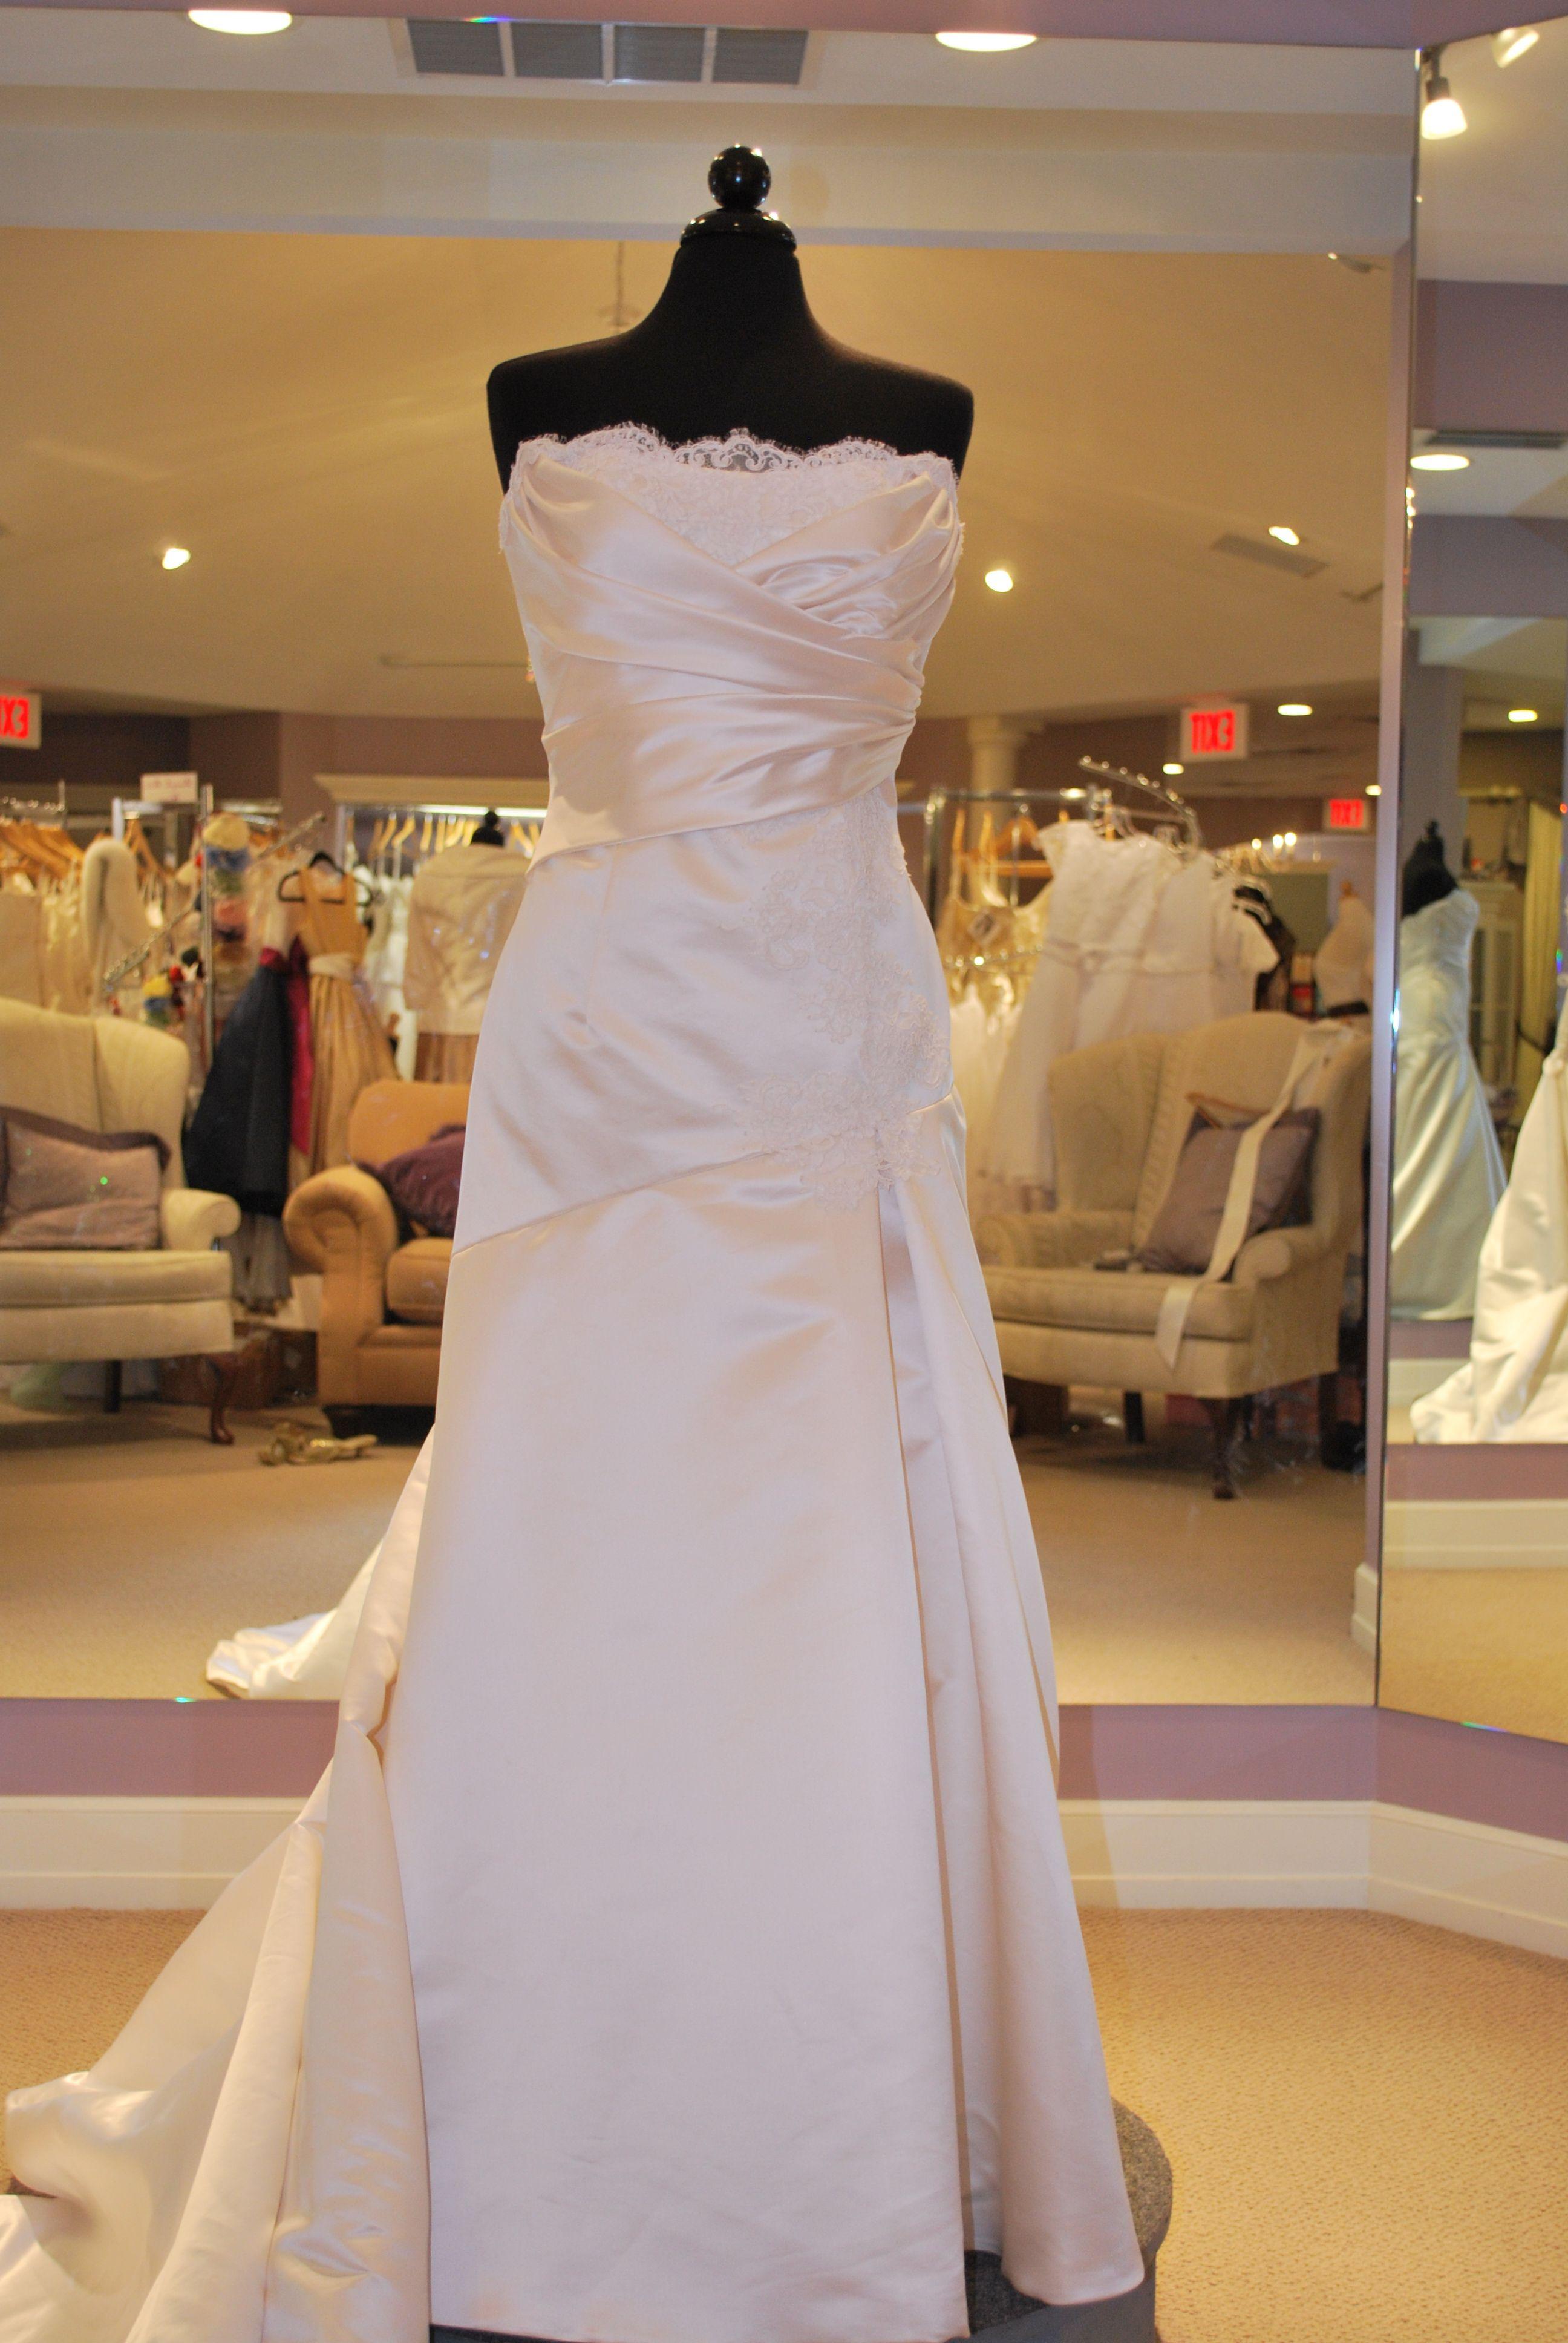 Simone Carvalli Style 7008 bridal gown white size 12